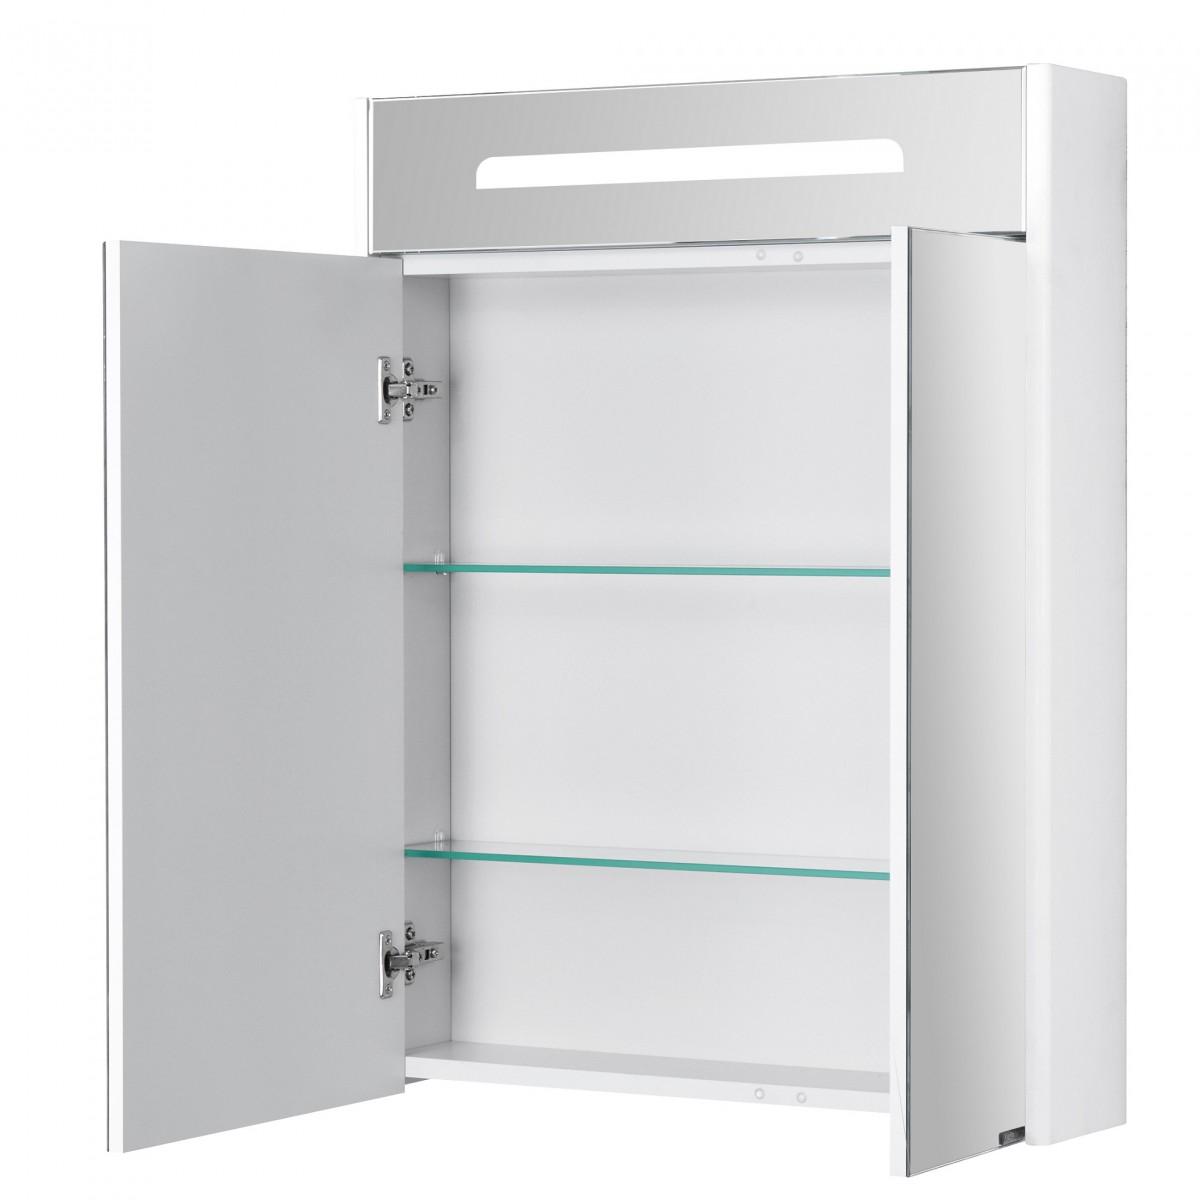 Зеркальный шкаф Акватон Сильва 60 дуб полярный